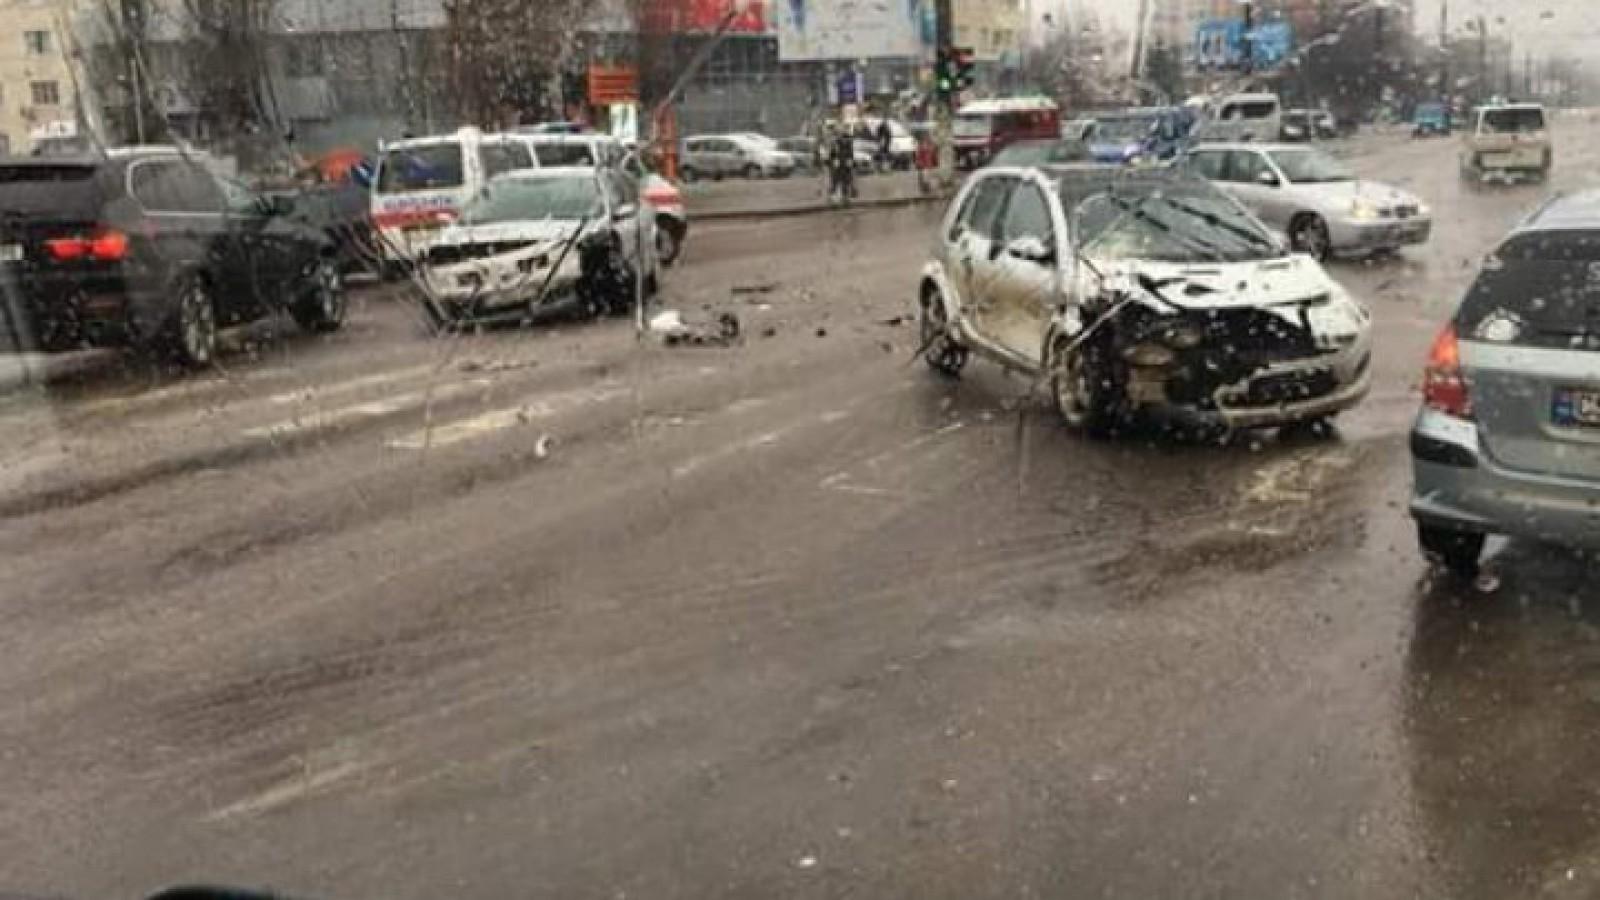 (foto) Accident rutier pe str.Alba Iulia din capitală. În una dintre mașini se afla un minor